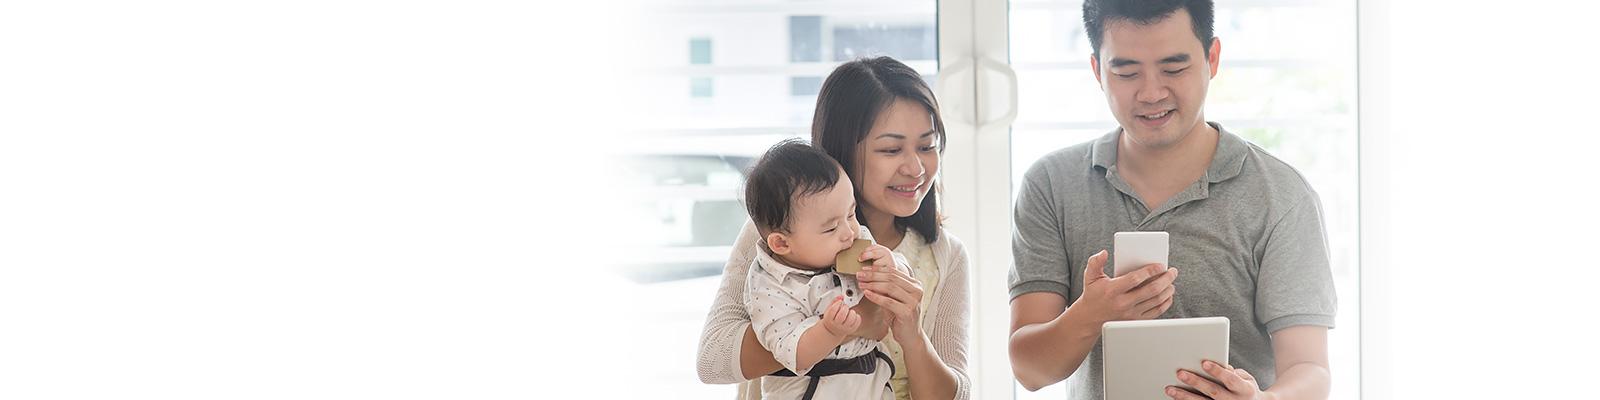 中国 デジタル 家族 イメージ